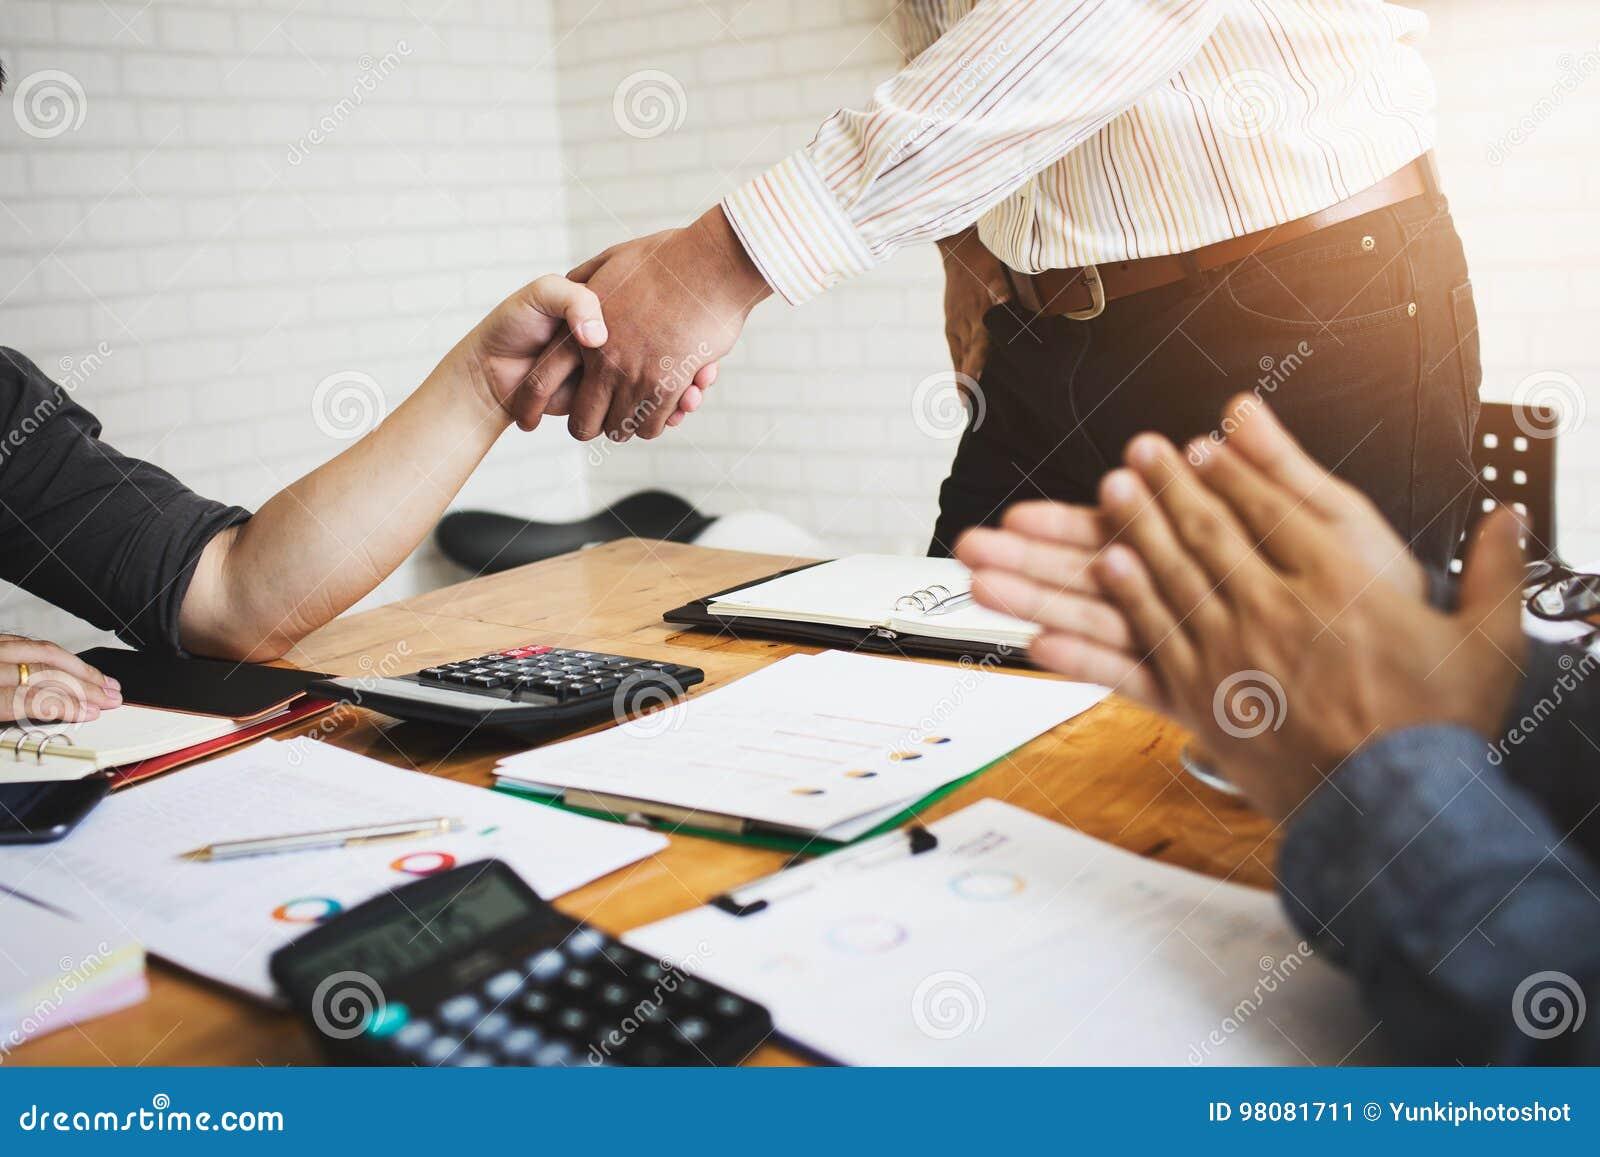 De medewerkers zijn adviseurs op bedrijfsdocumenten, belasting, transacties